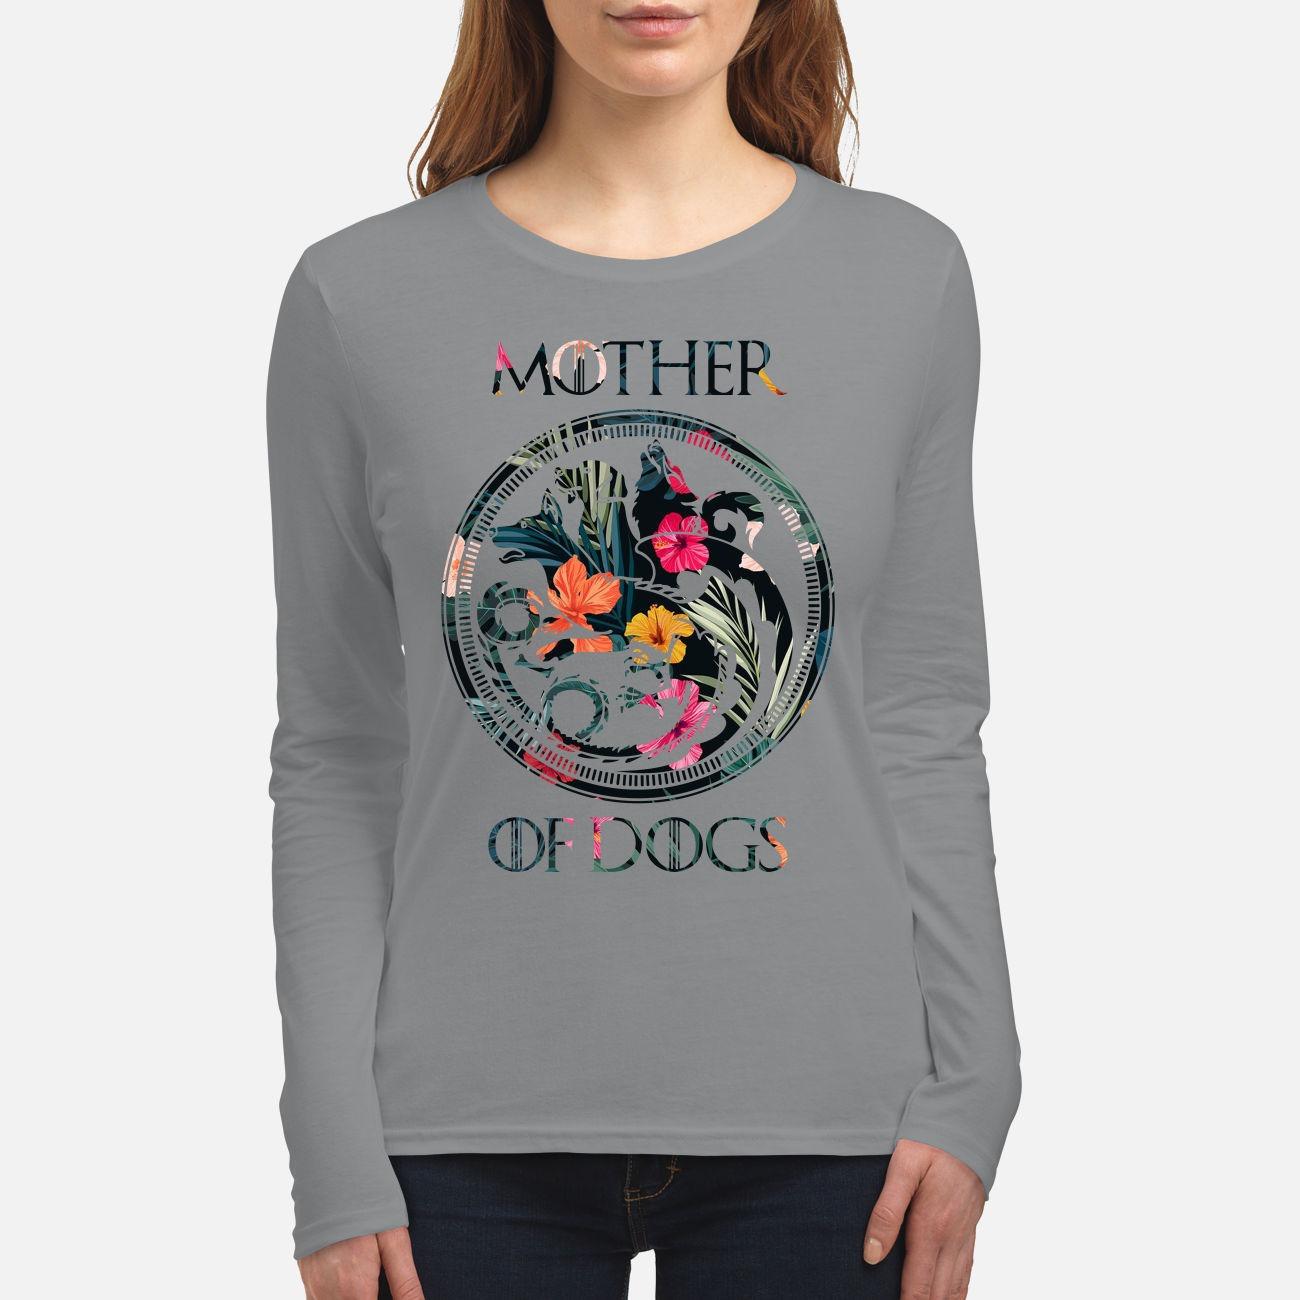 GOT Mother of dogs women's long sleeved shirt